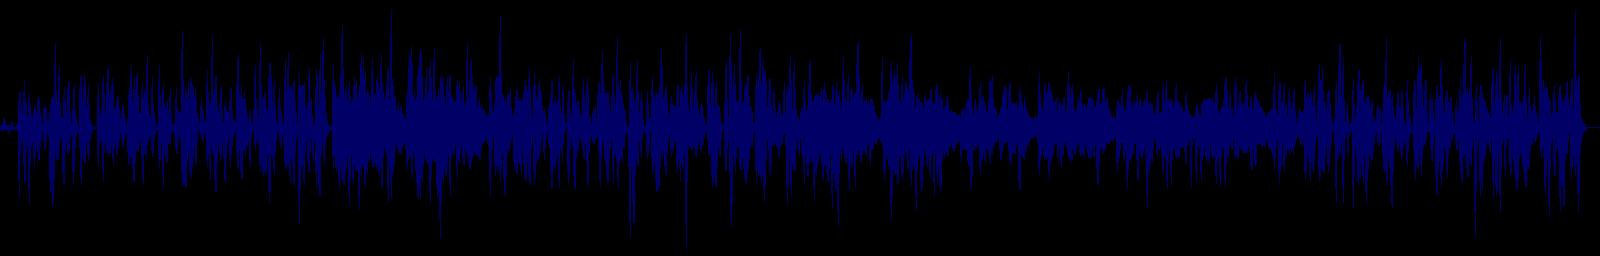 waveform of track #146414